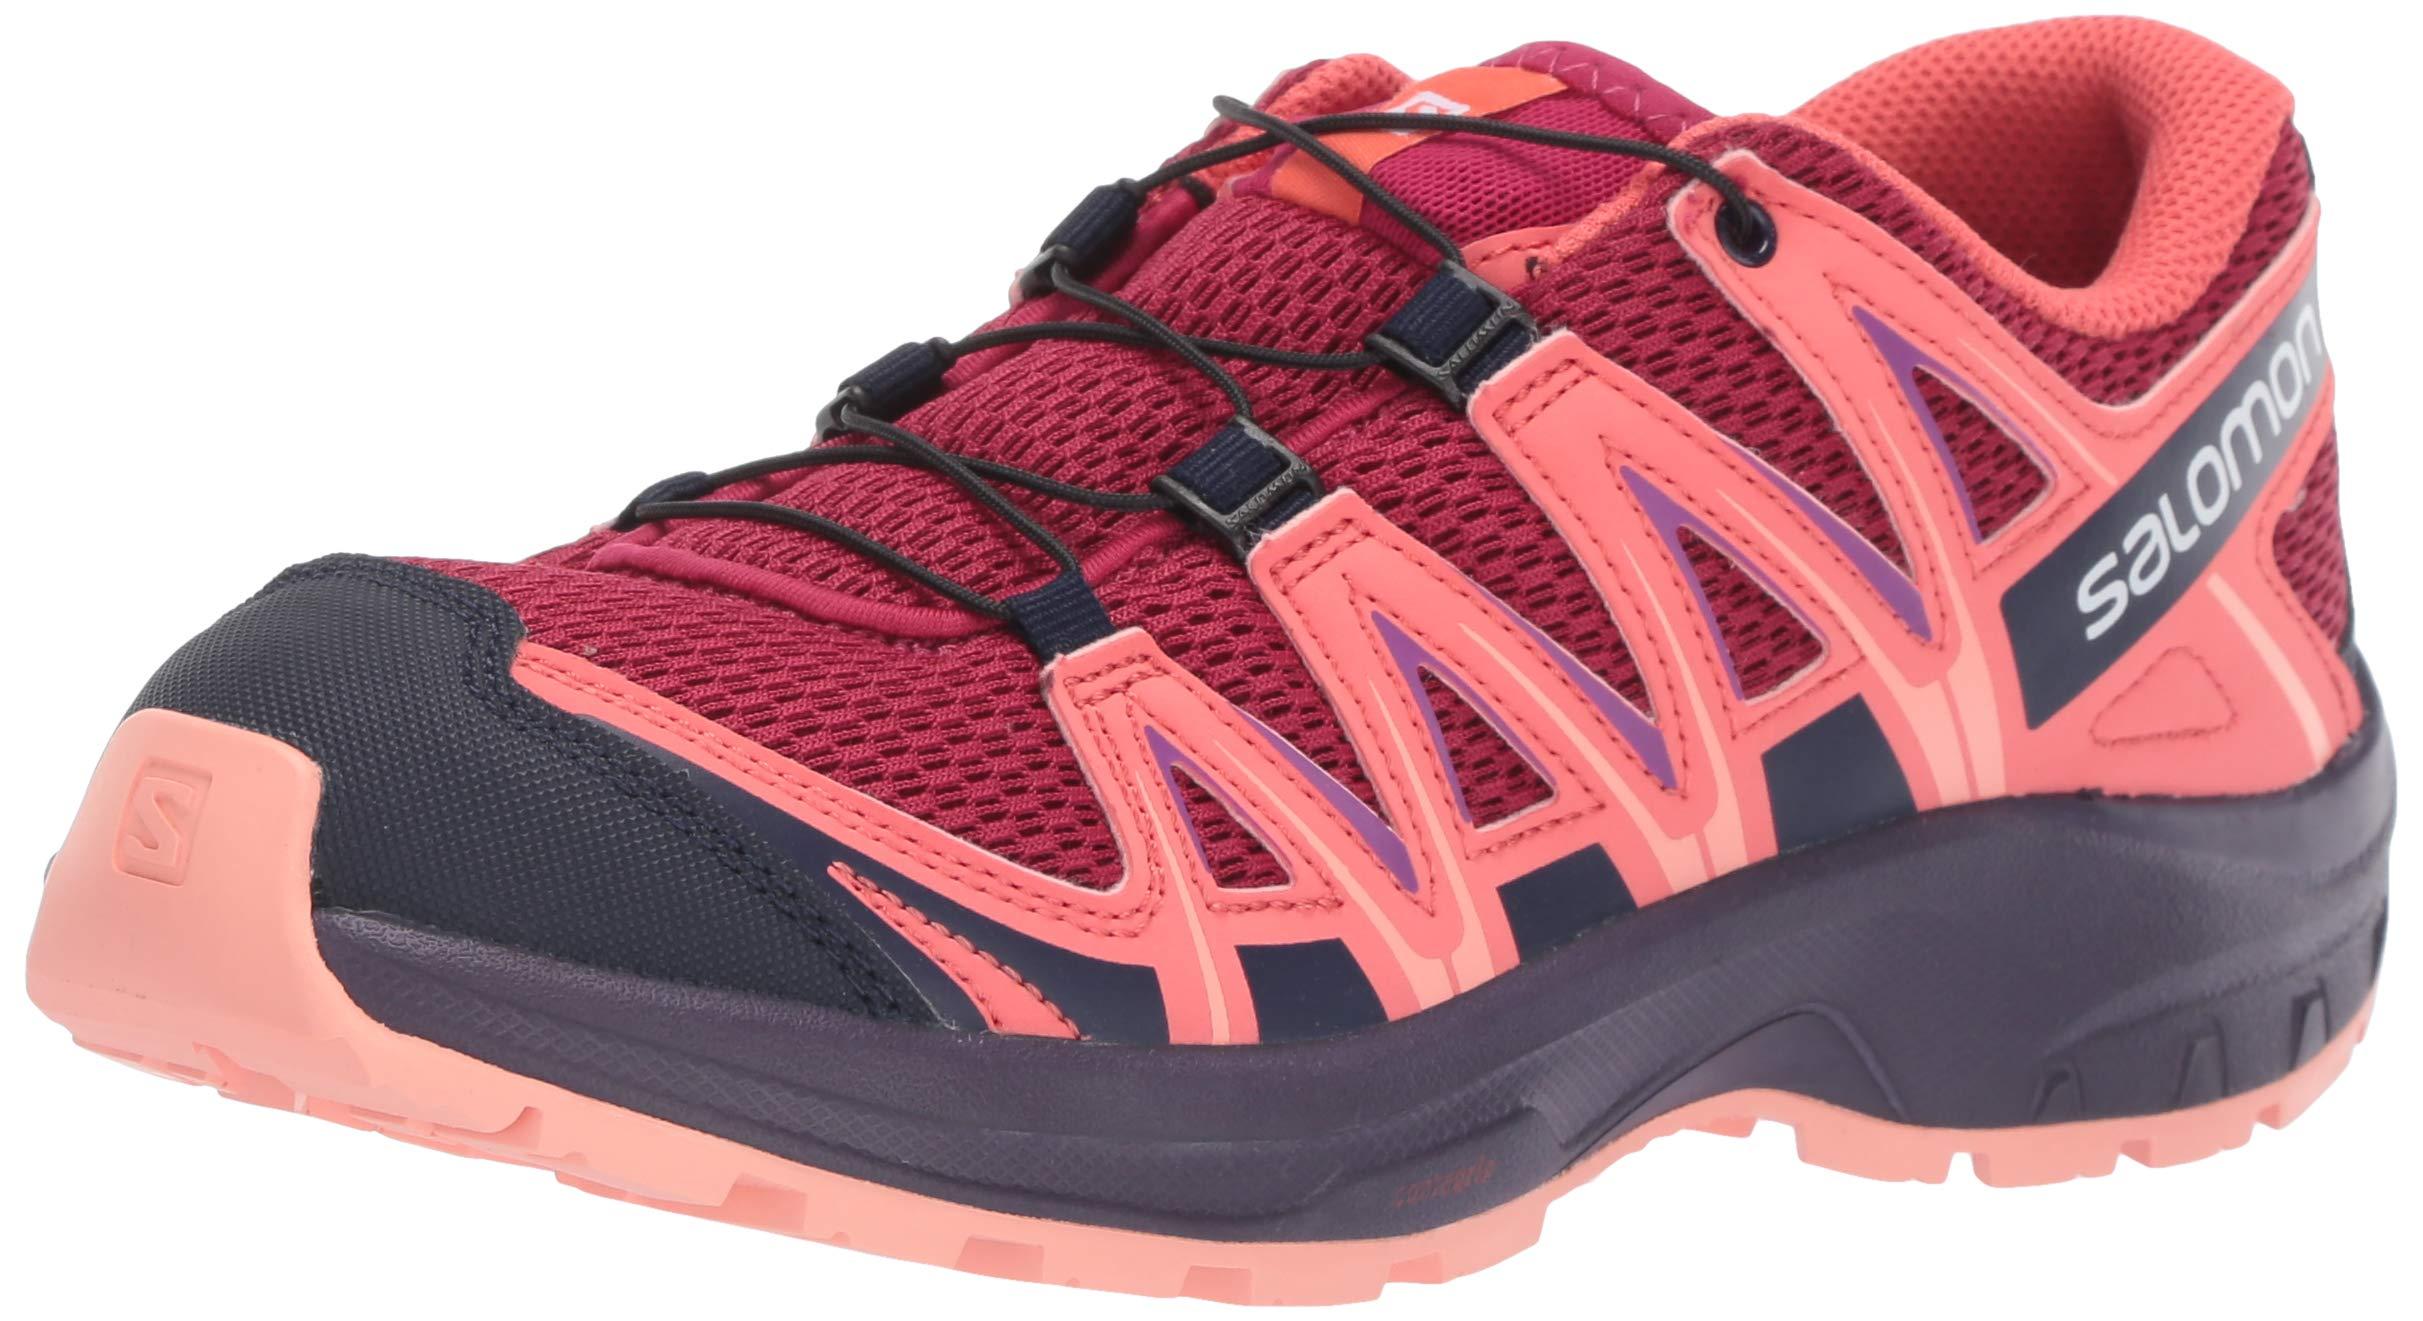 5a6a32cd0 Mejor valorados en Calzado deportivo para niño   Opiniones útiles de ...